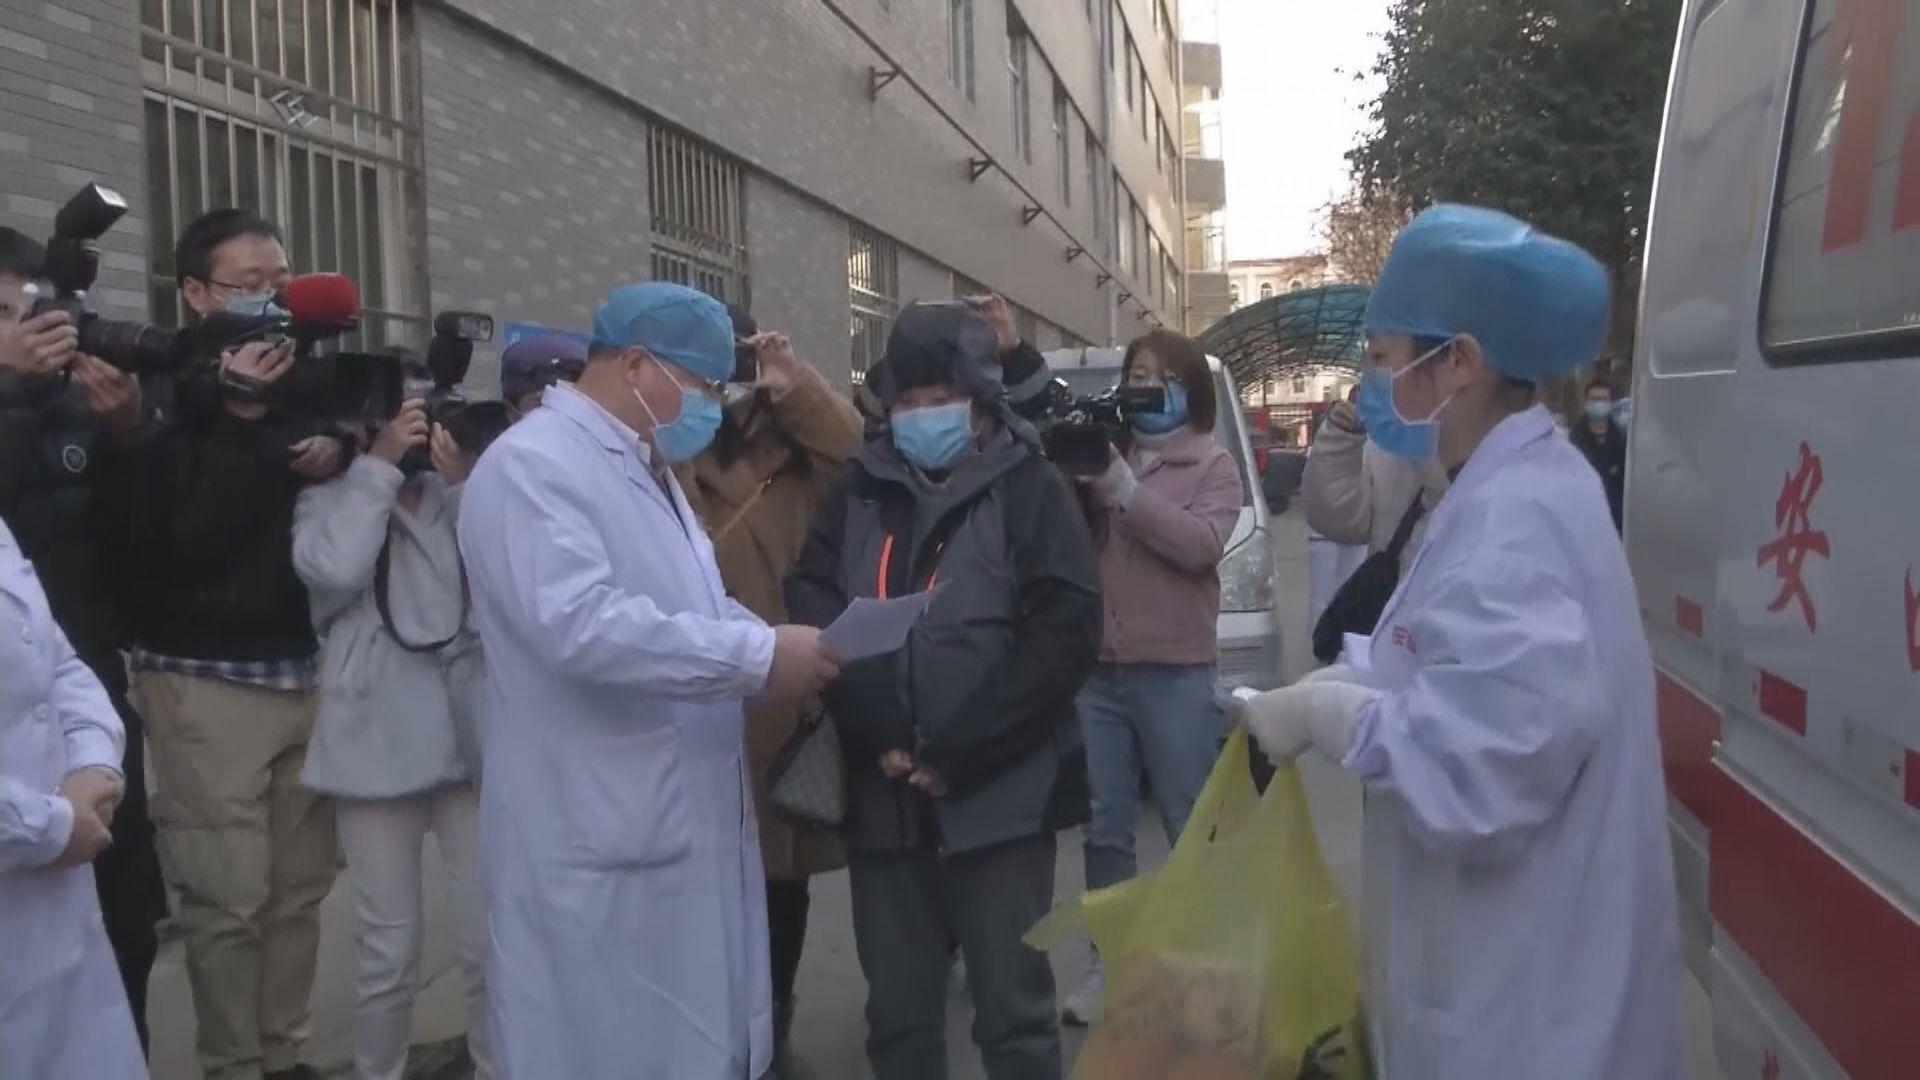 中日有醫護染病 世衛:要確保前線醫護有充足保護裝備